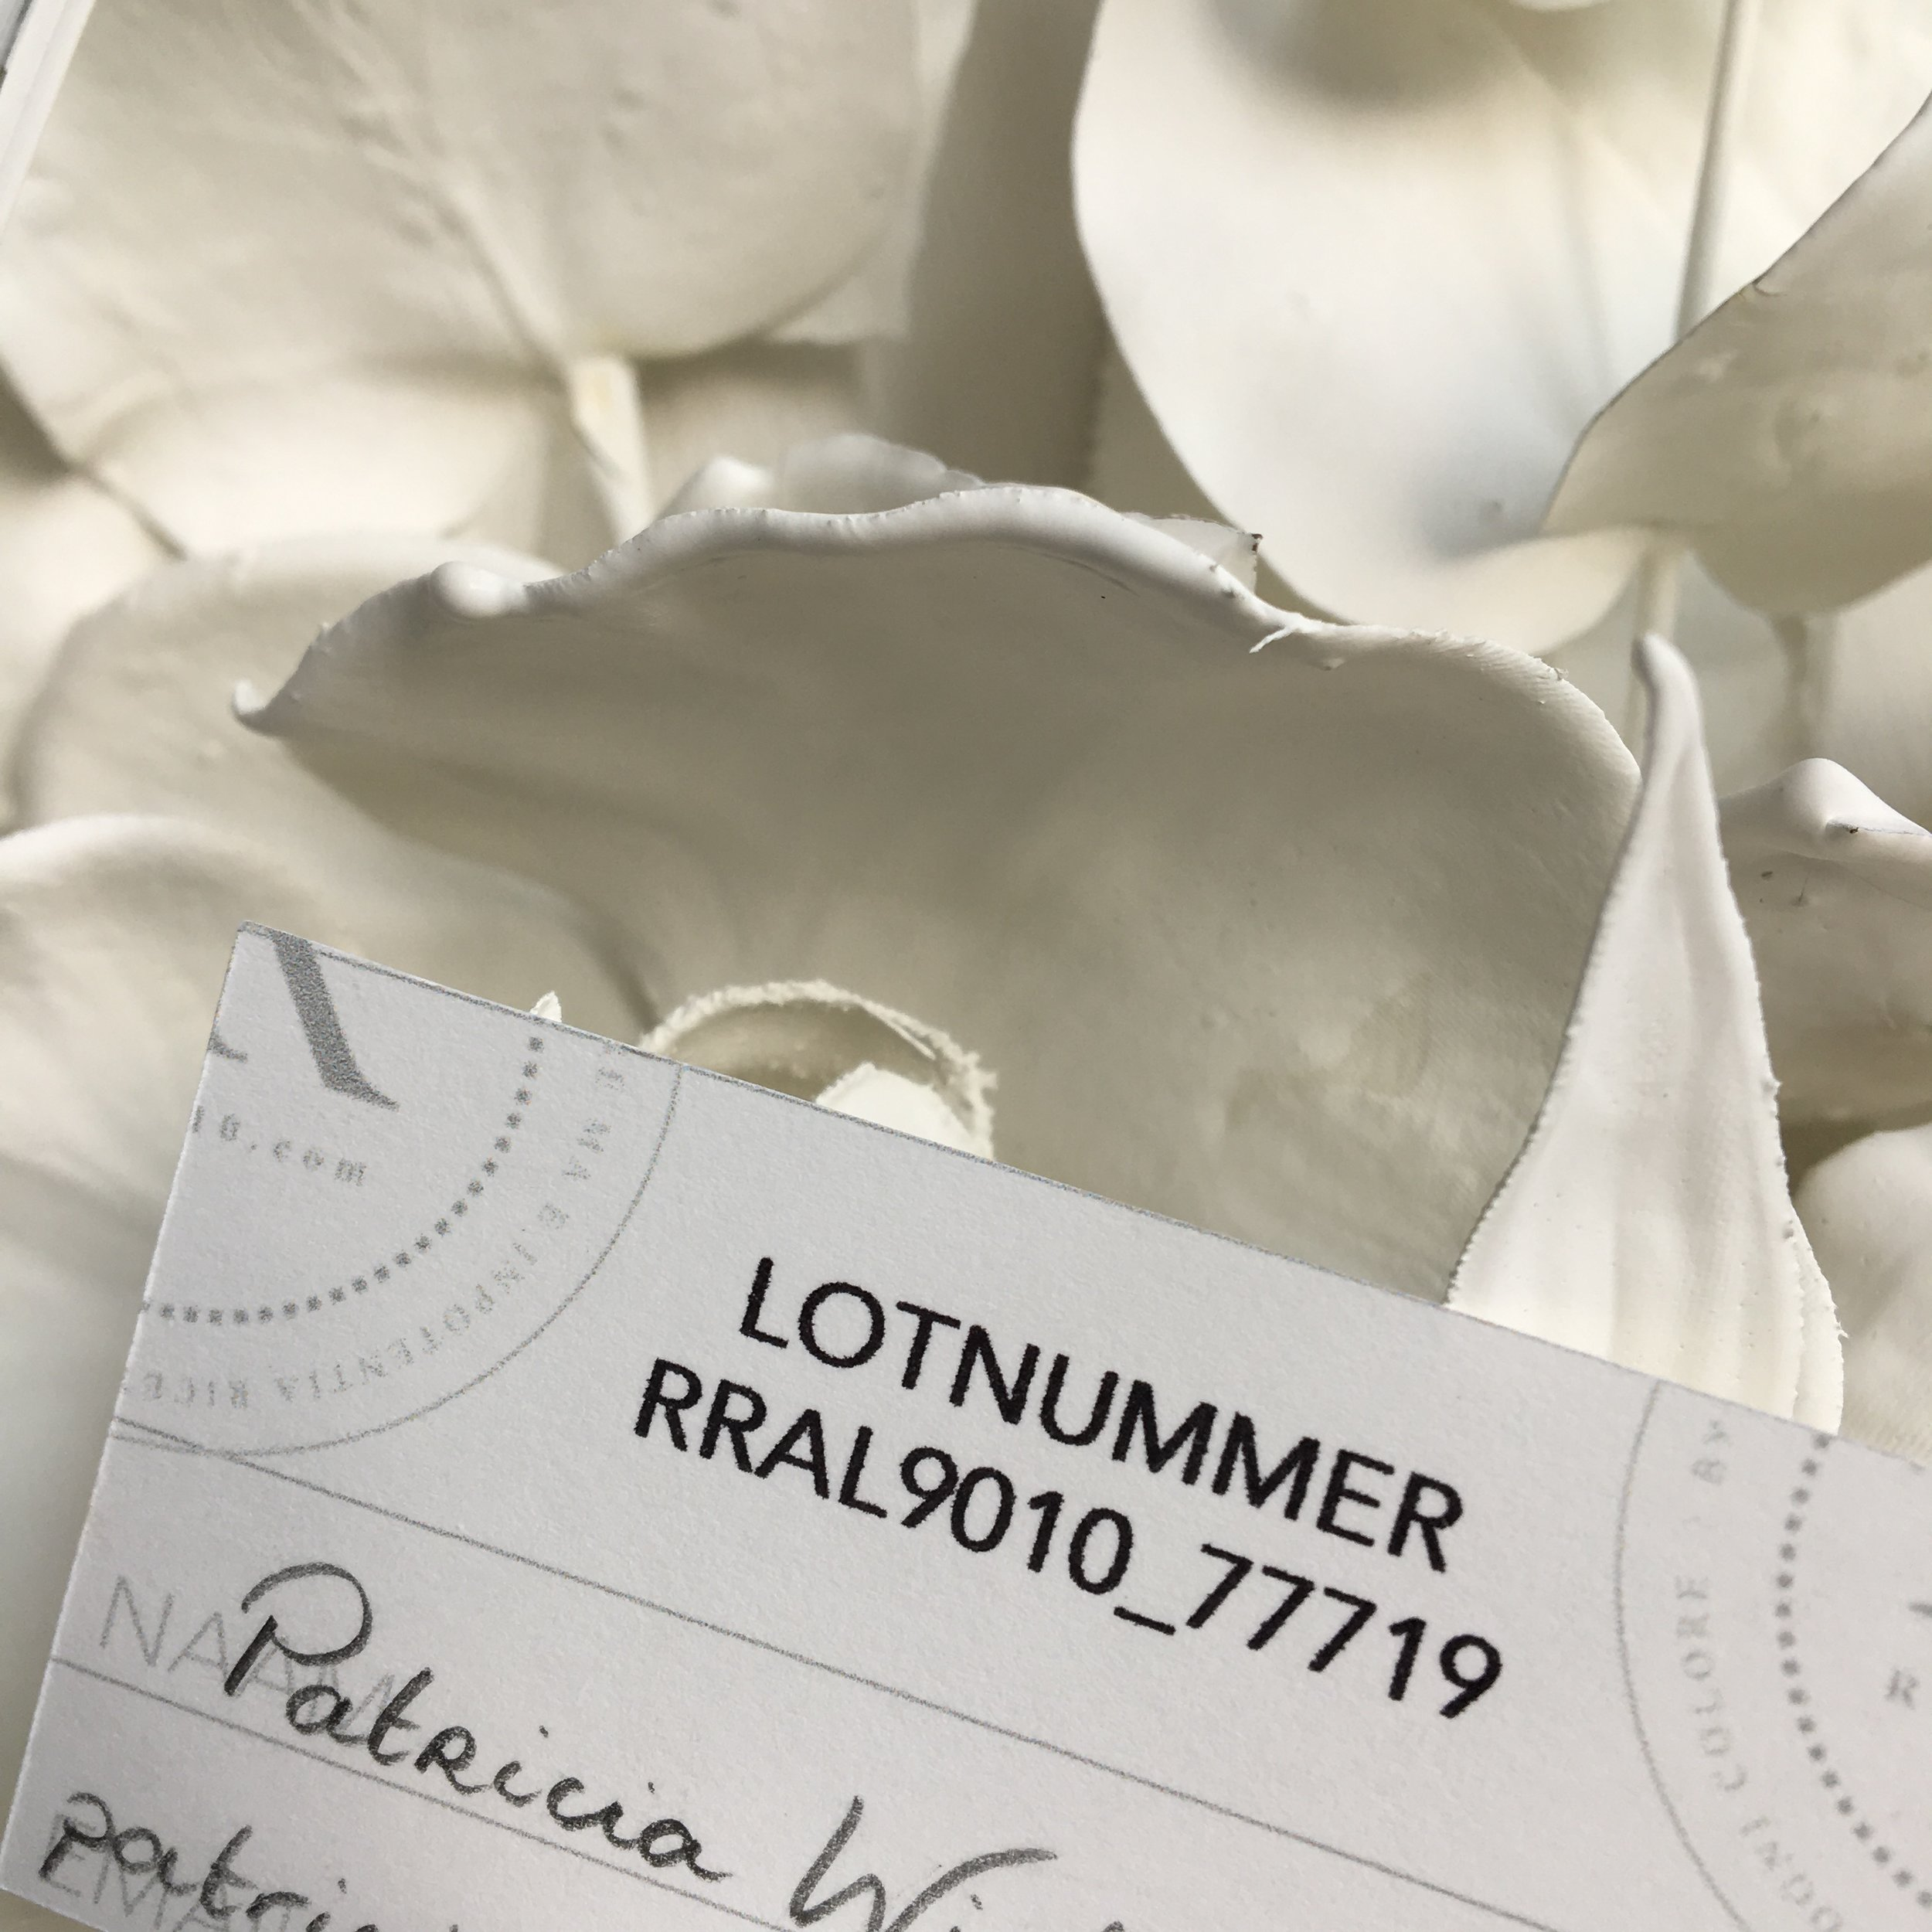 RRAL9010_loterijwinnaar_2.JPG